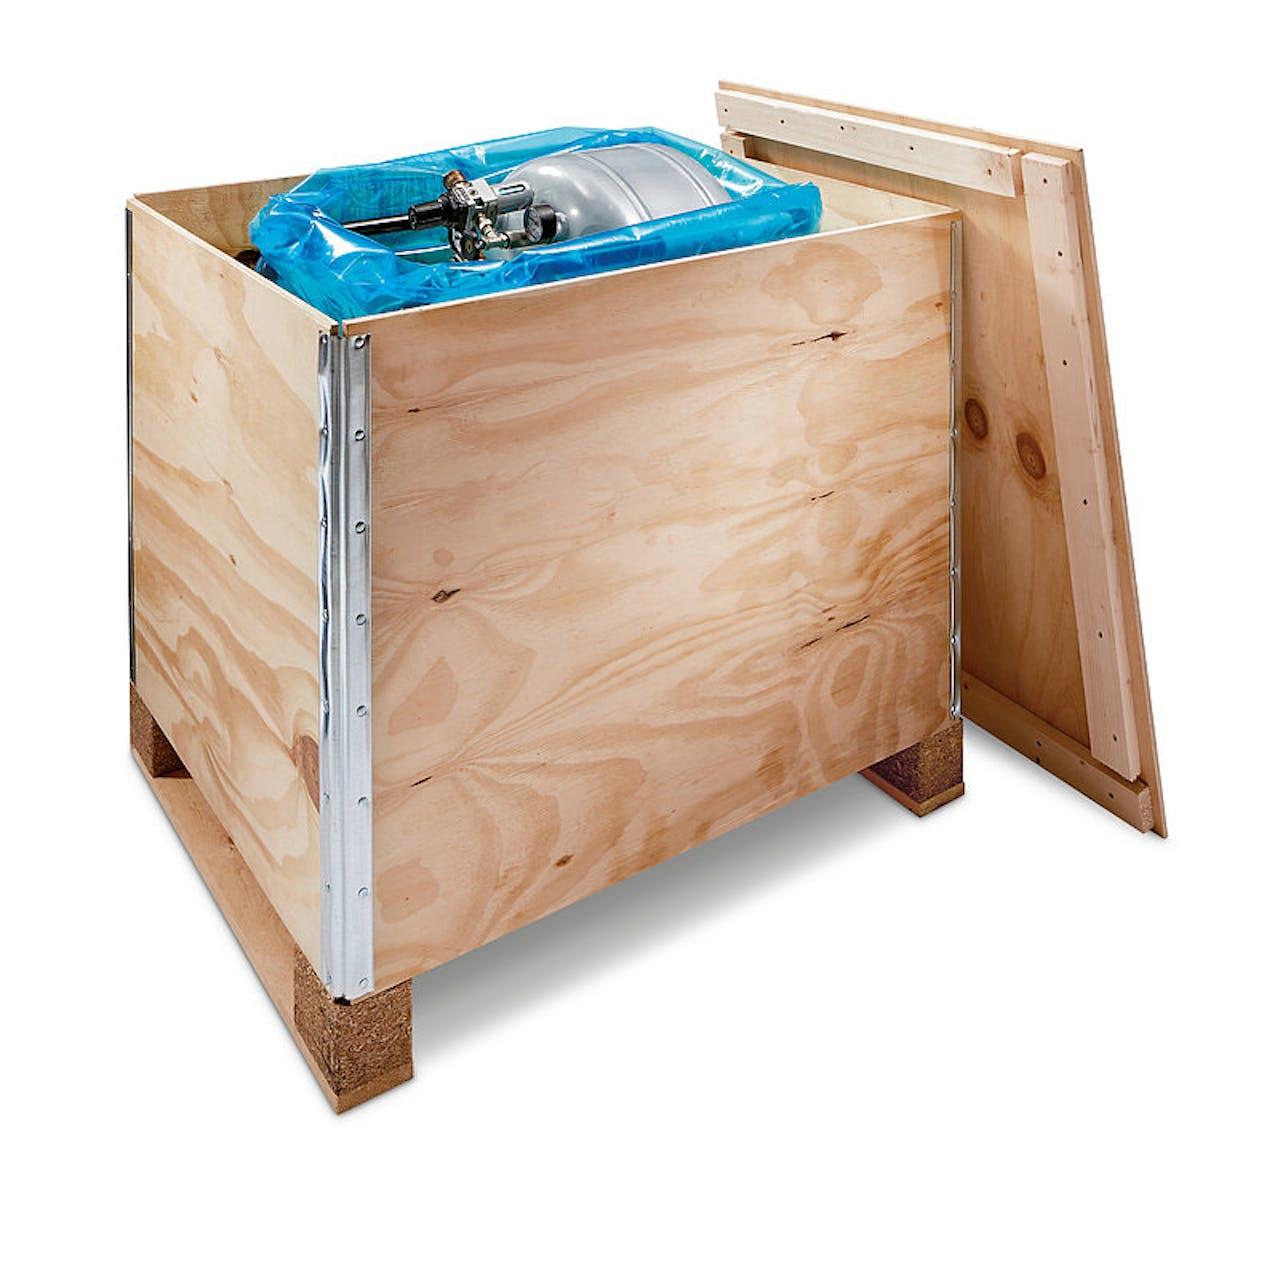 Holzfaltkiste Premium, innen 1180 x 980 x 770 mm, für Industriemaß, Wände 9 mm